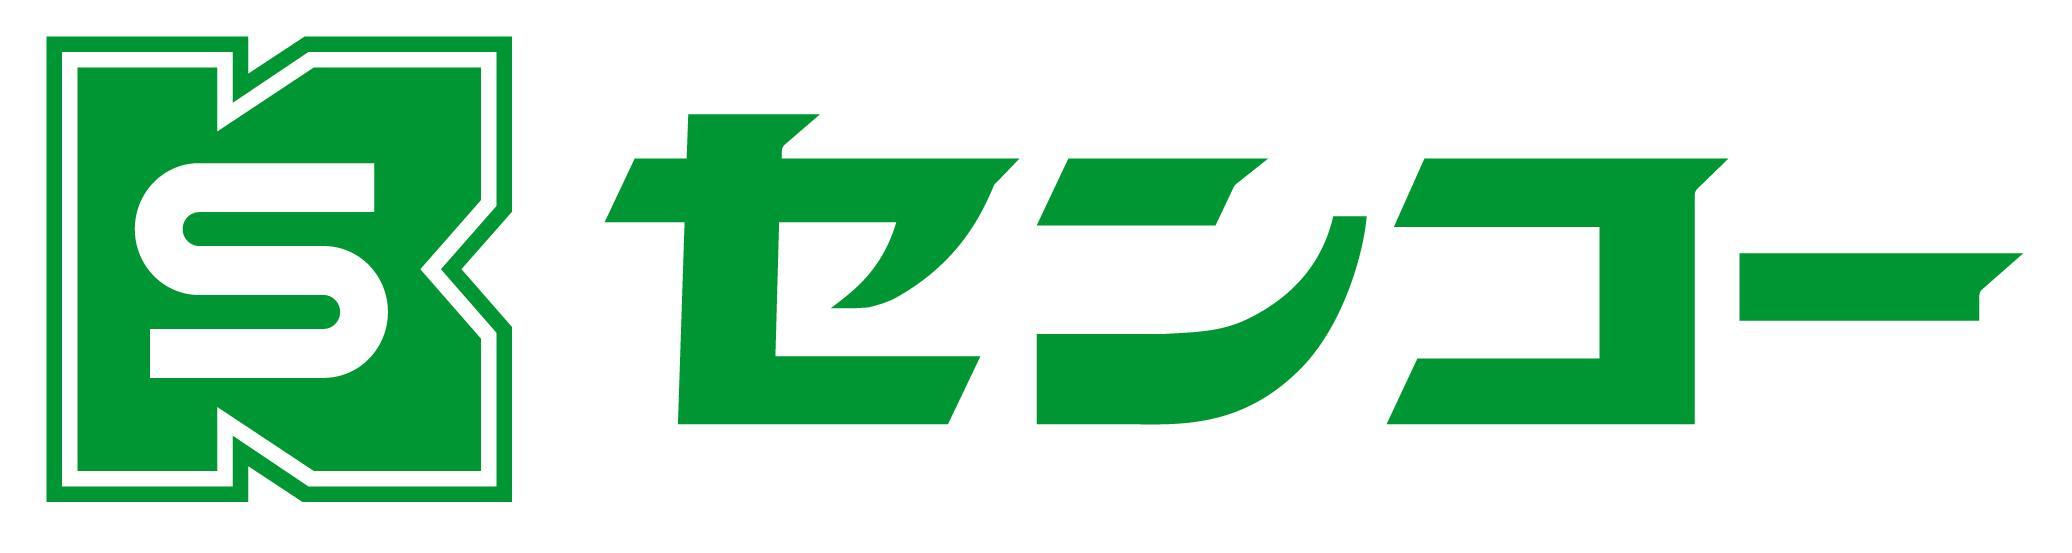 関越センコーロジ株式会社